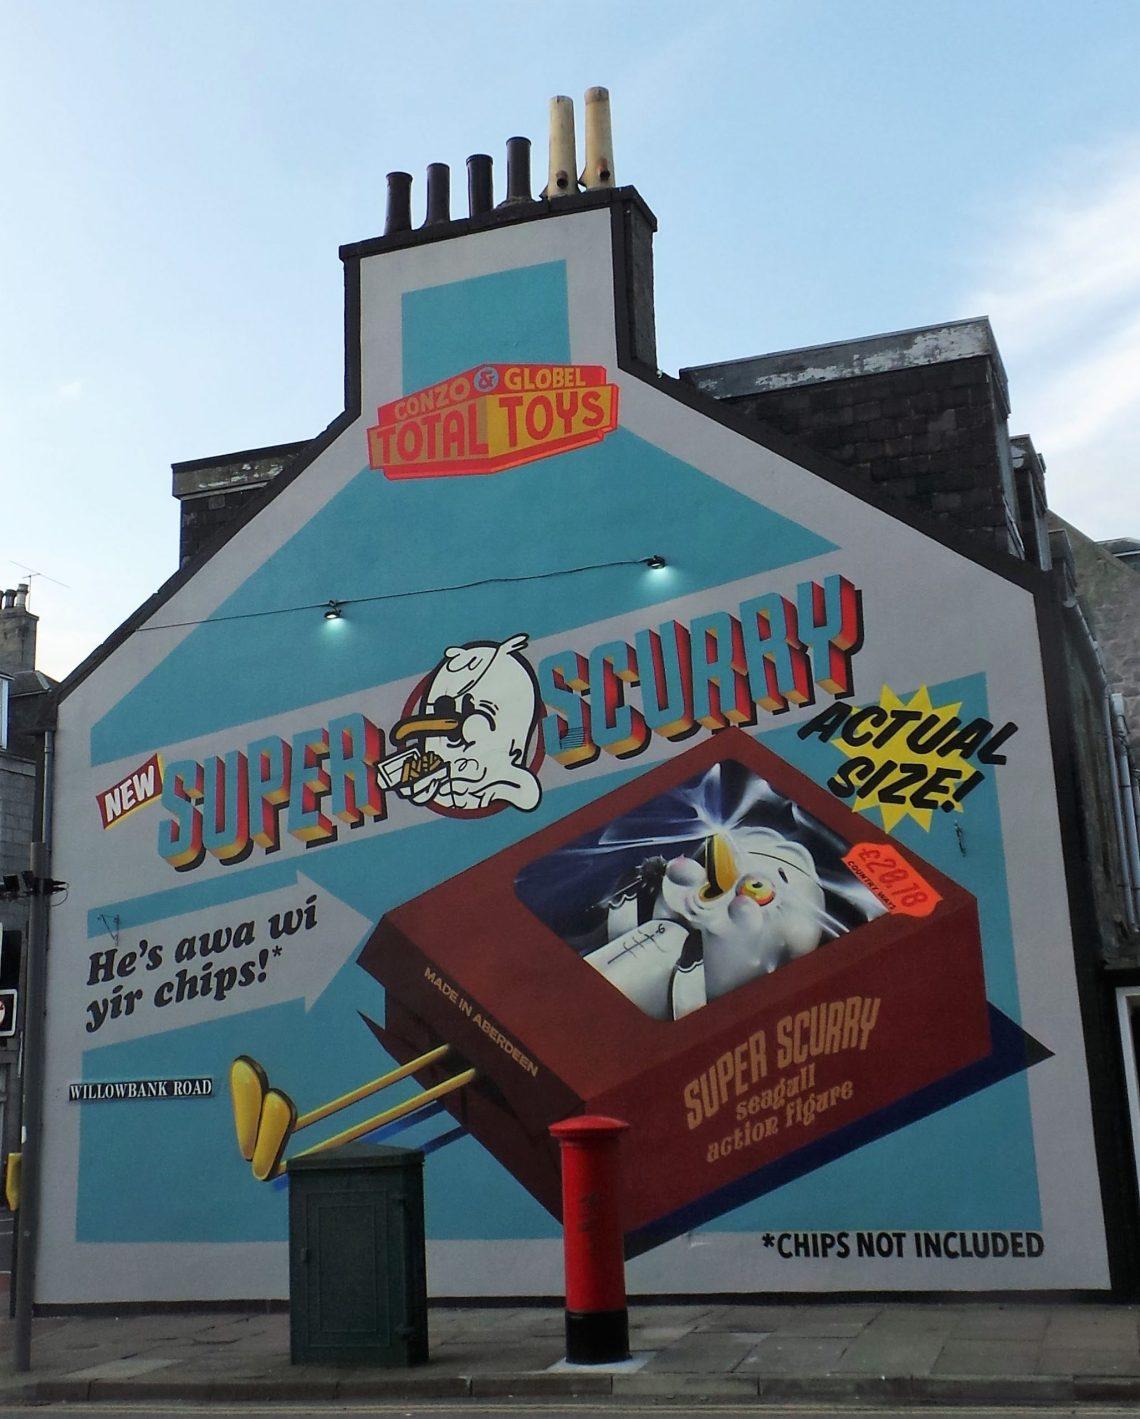 street art by conzo & globel in Aberdeen